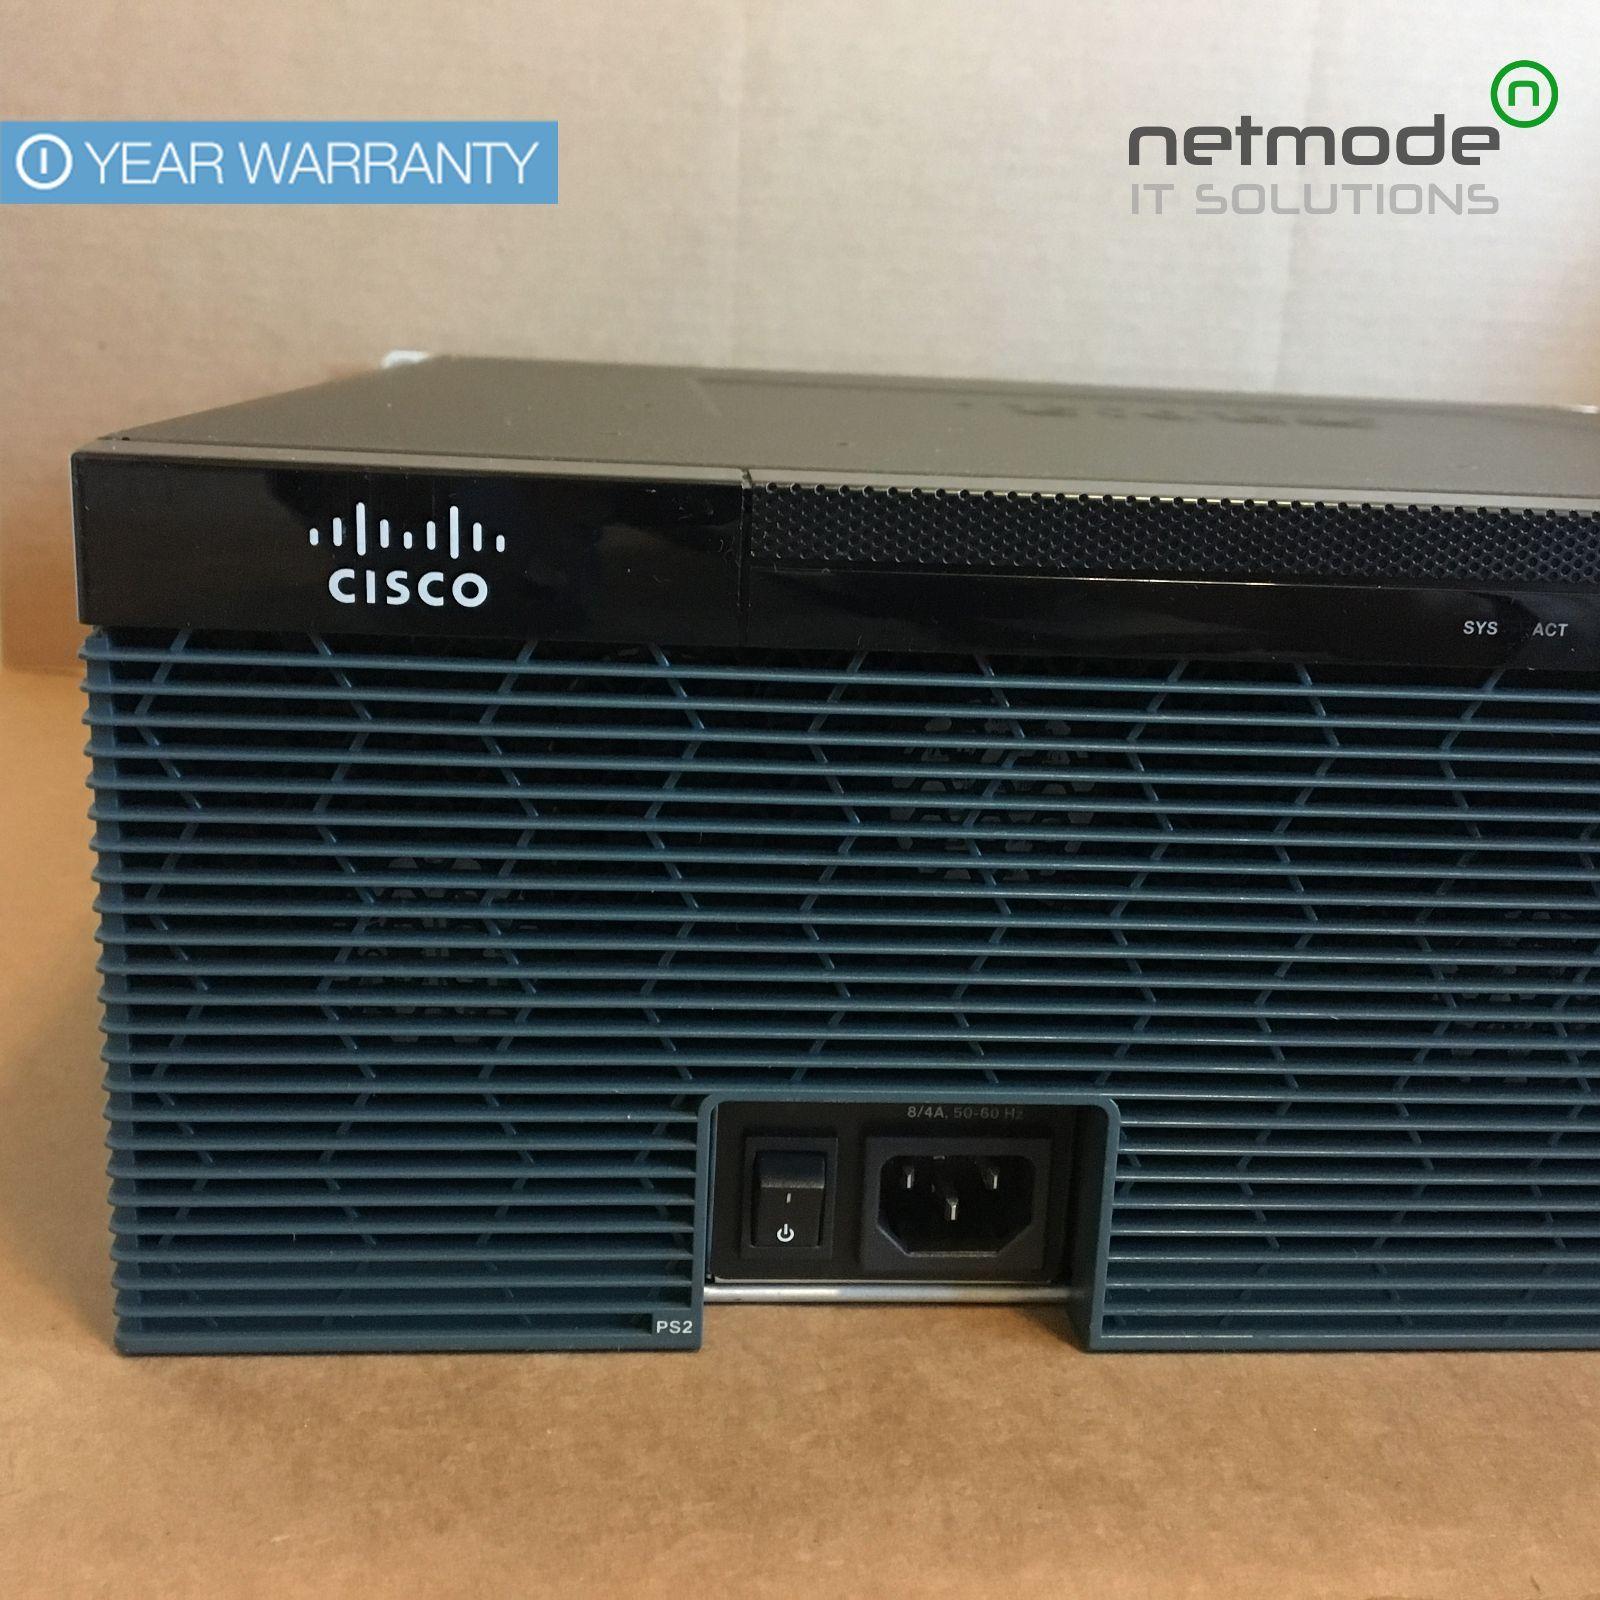 CISCO3925/K9 Gigabit Wired Router Cisco3925 3-Port